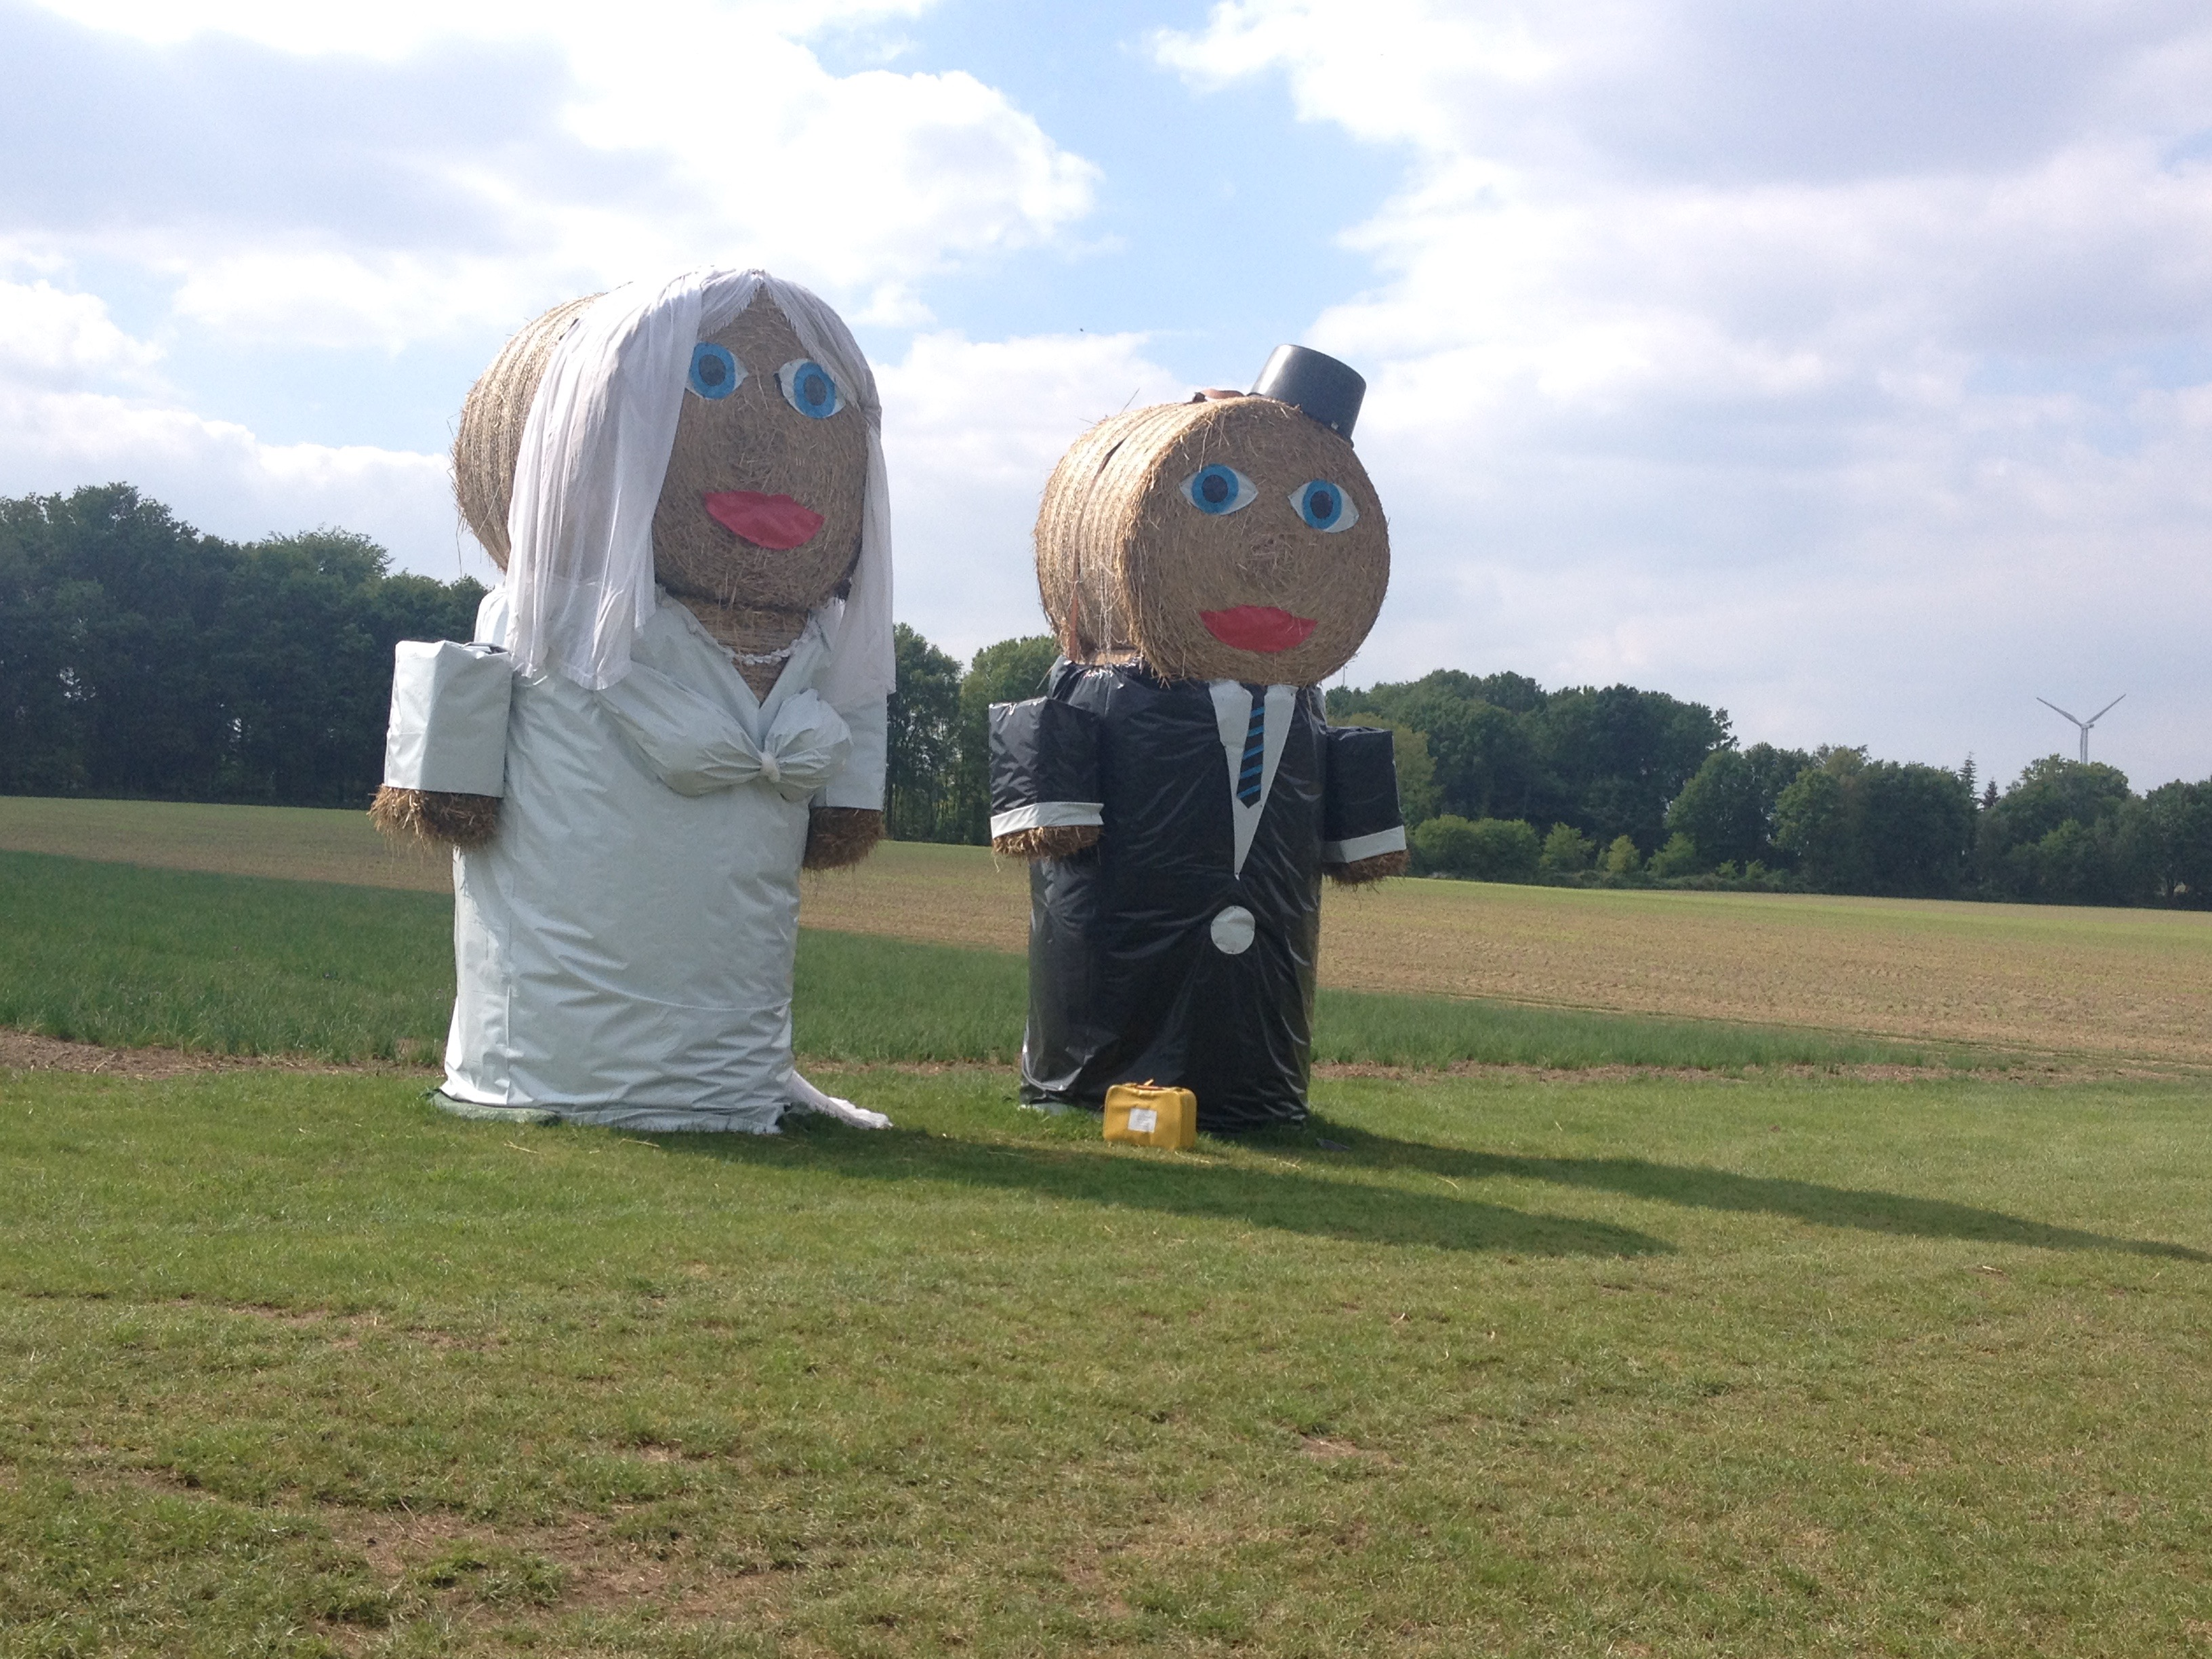 Wohin geht denn die Hochzeitsreise?